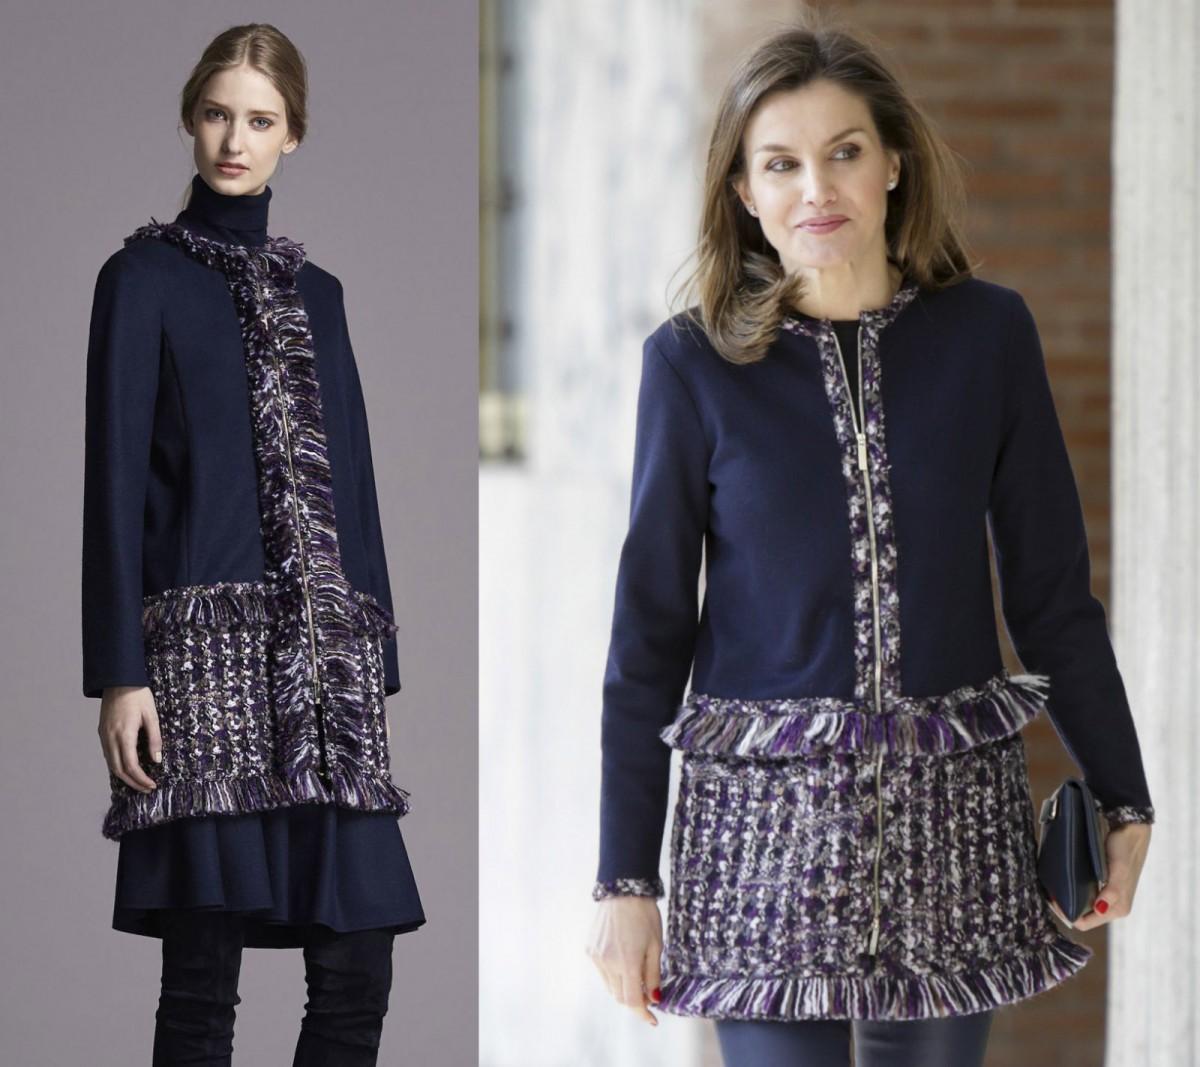 El diseño original de Carolina Herrera vs. con las modificaciones de la reina Letizia